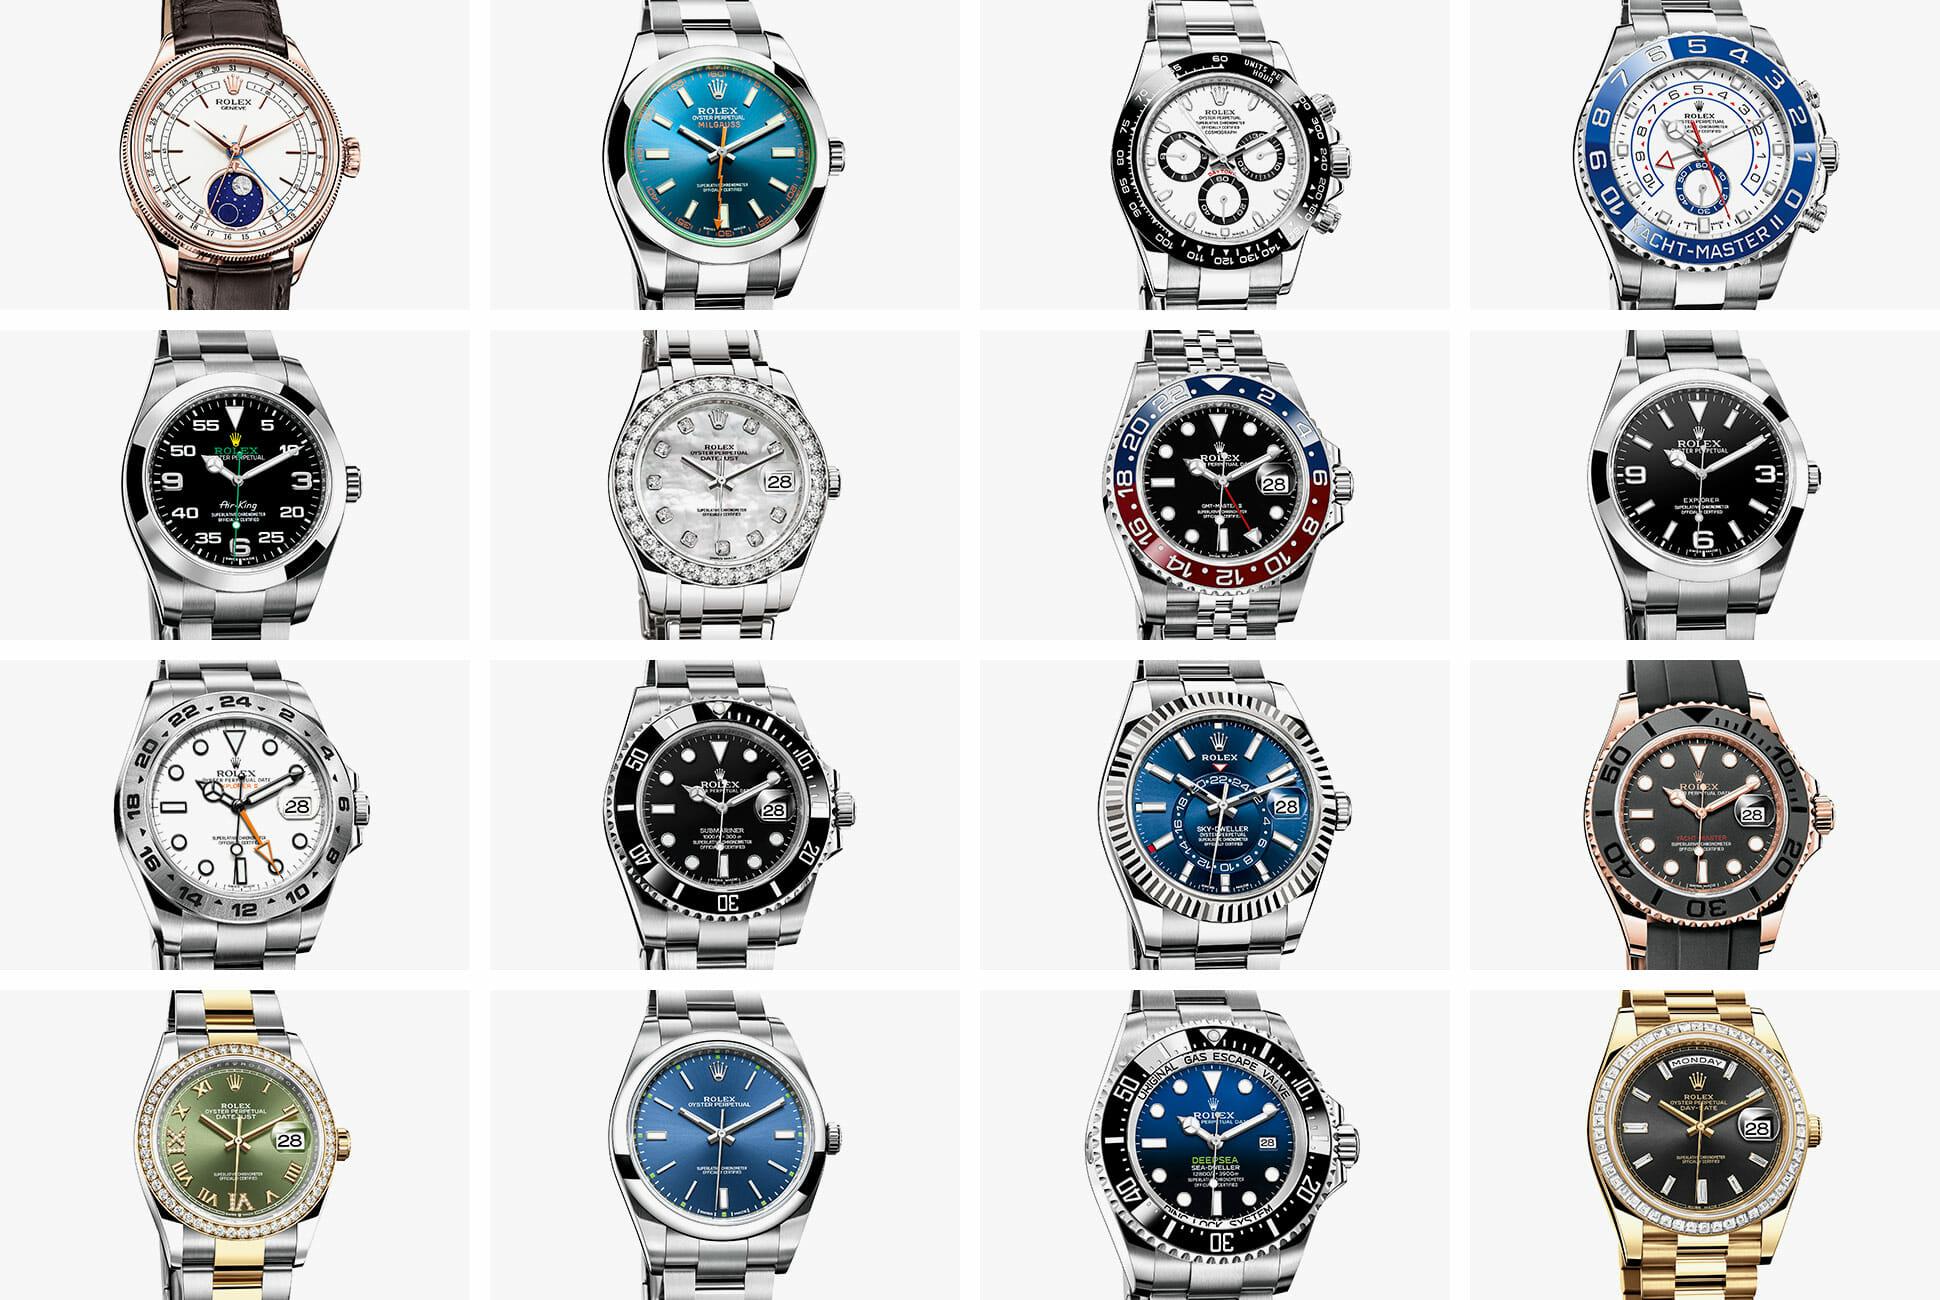 Rolex series view